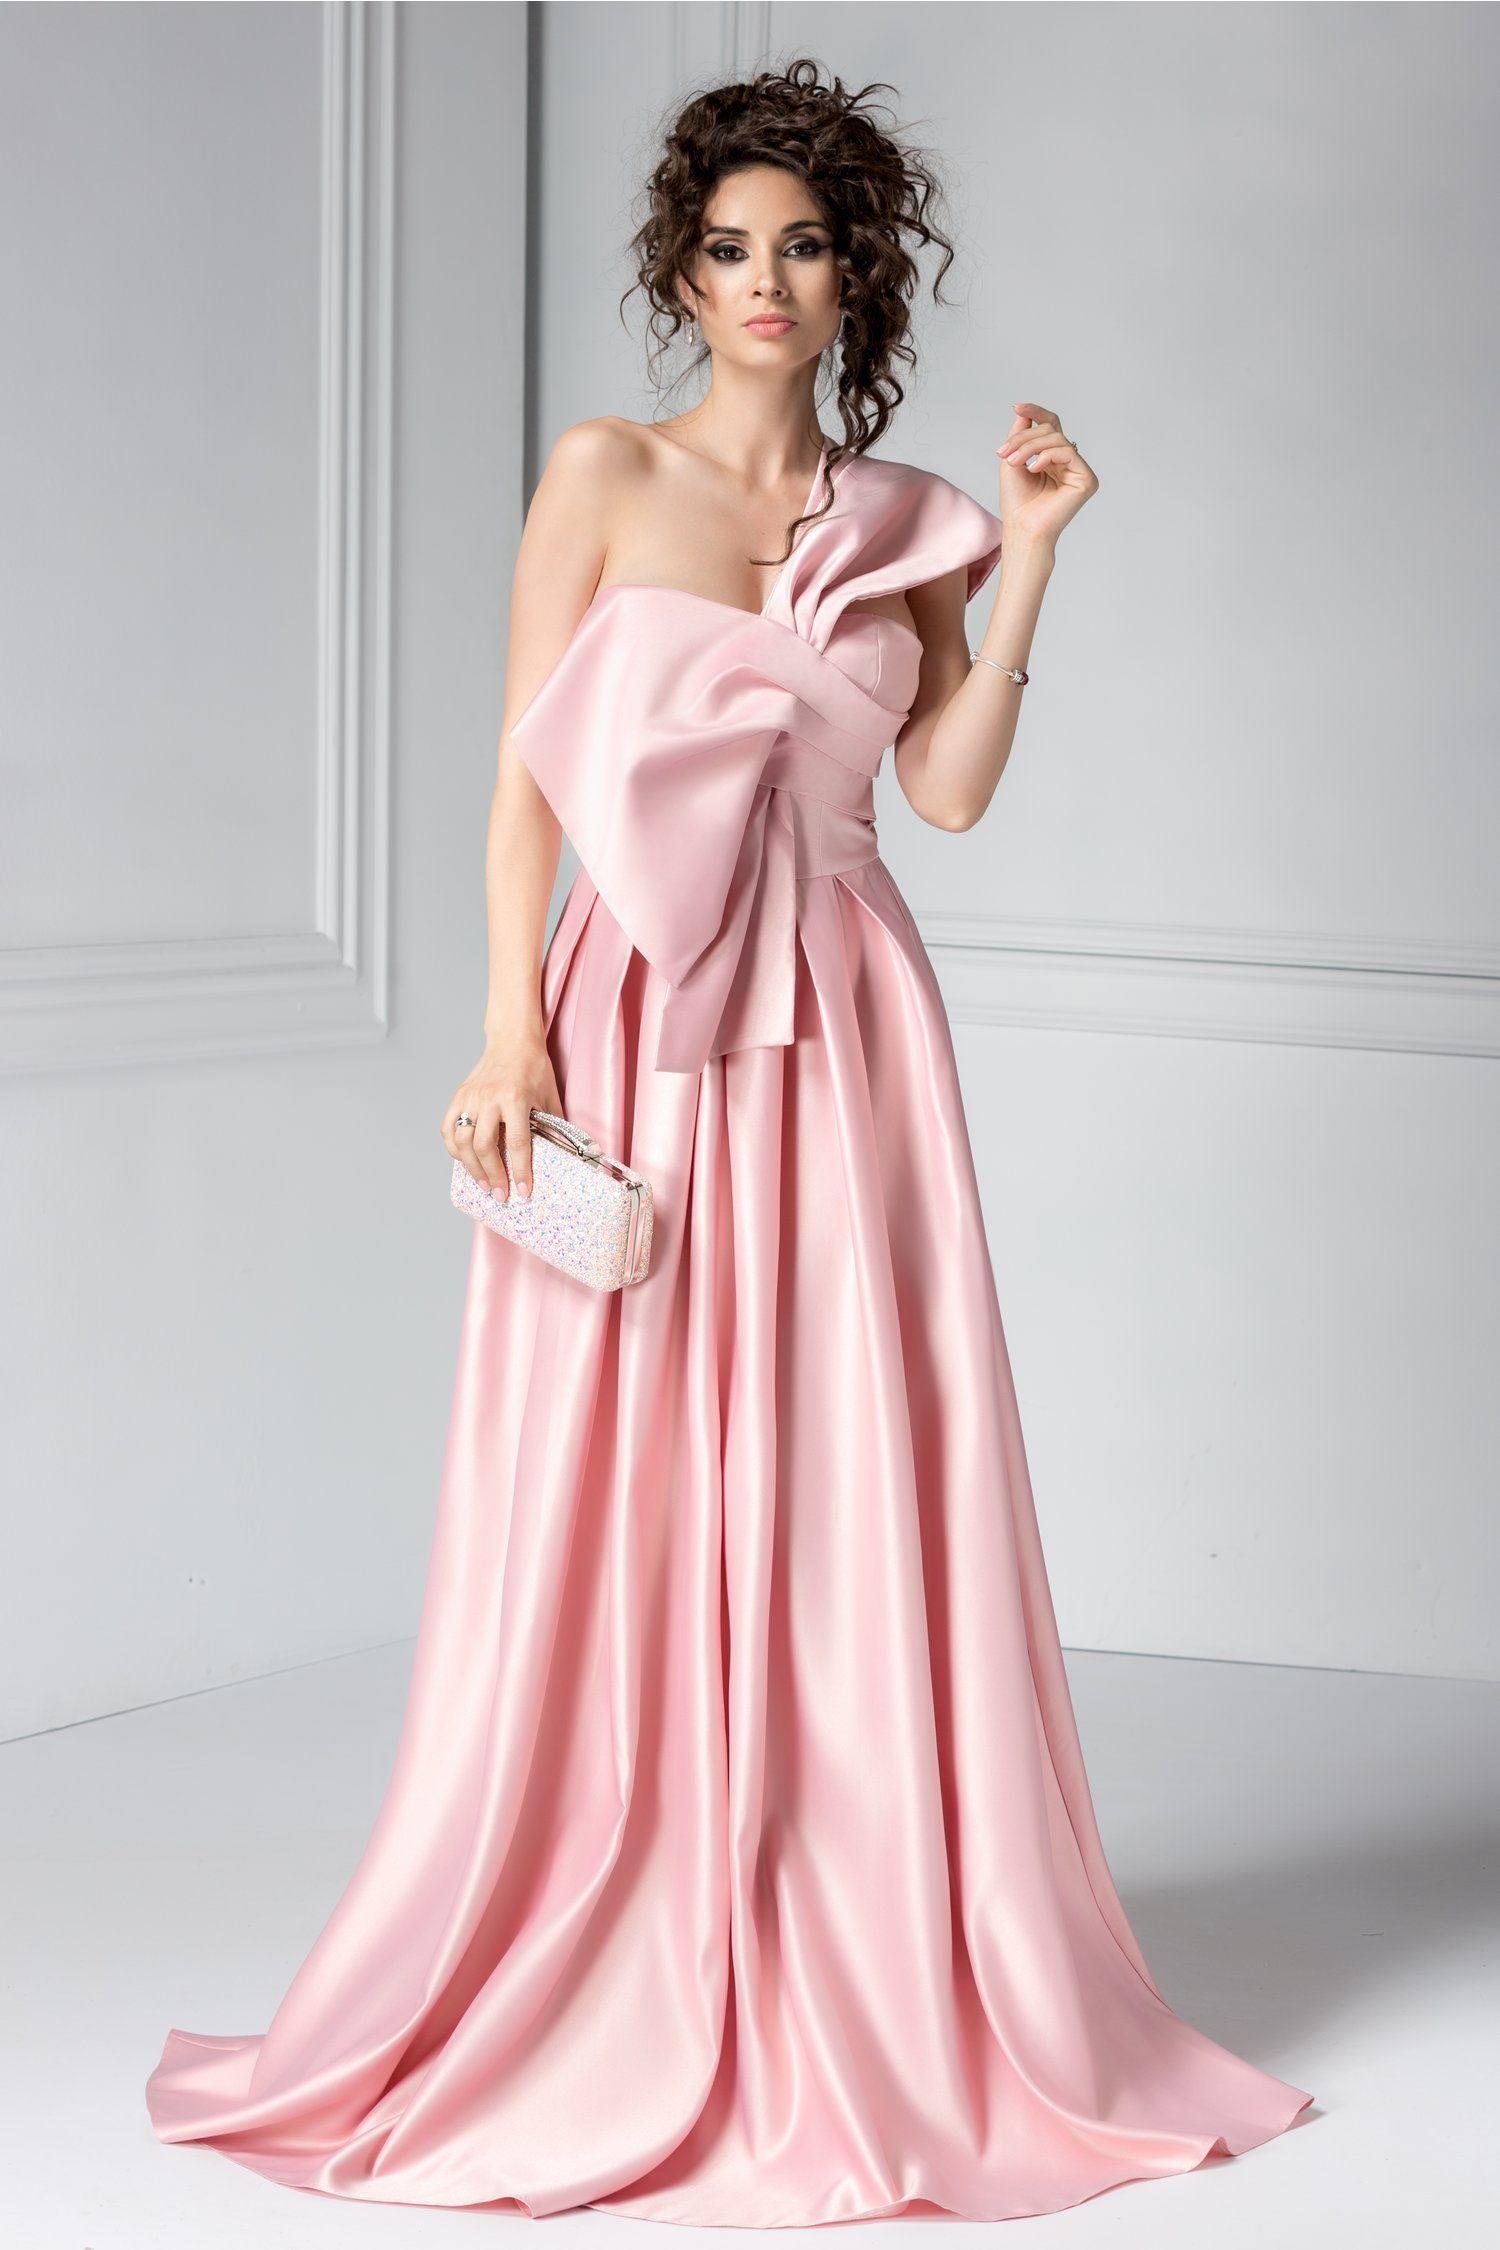 Rochii De Seara Lungi Ieftine în 2019 Rochii Strapless Dress